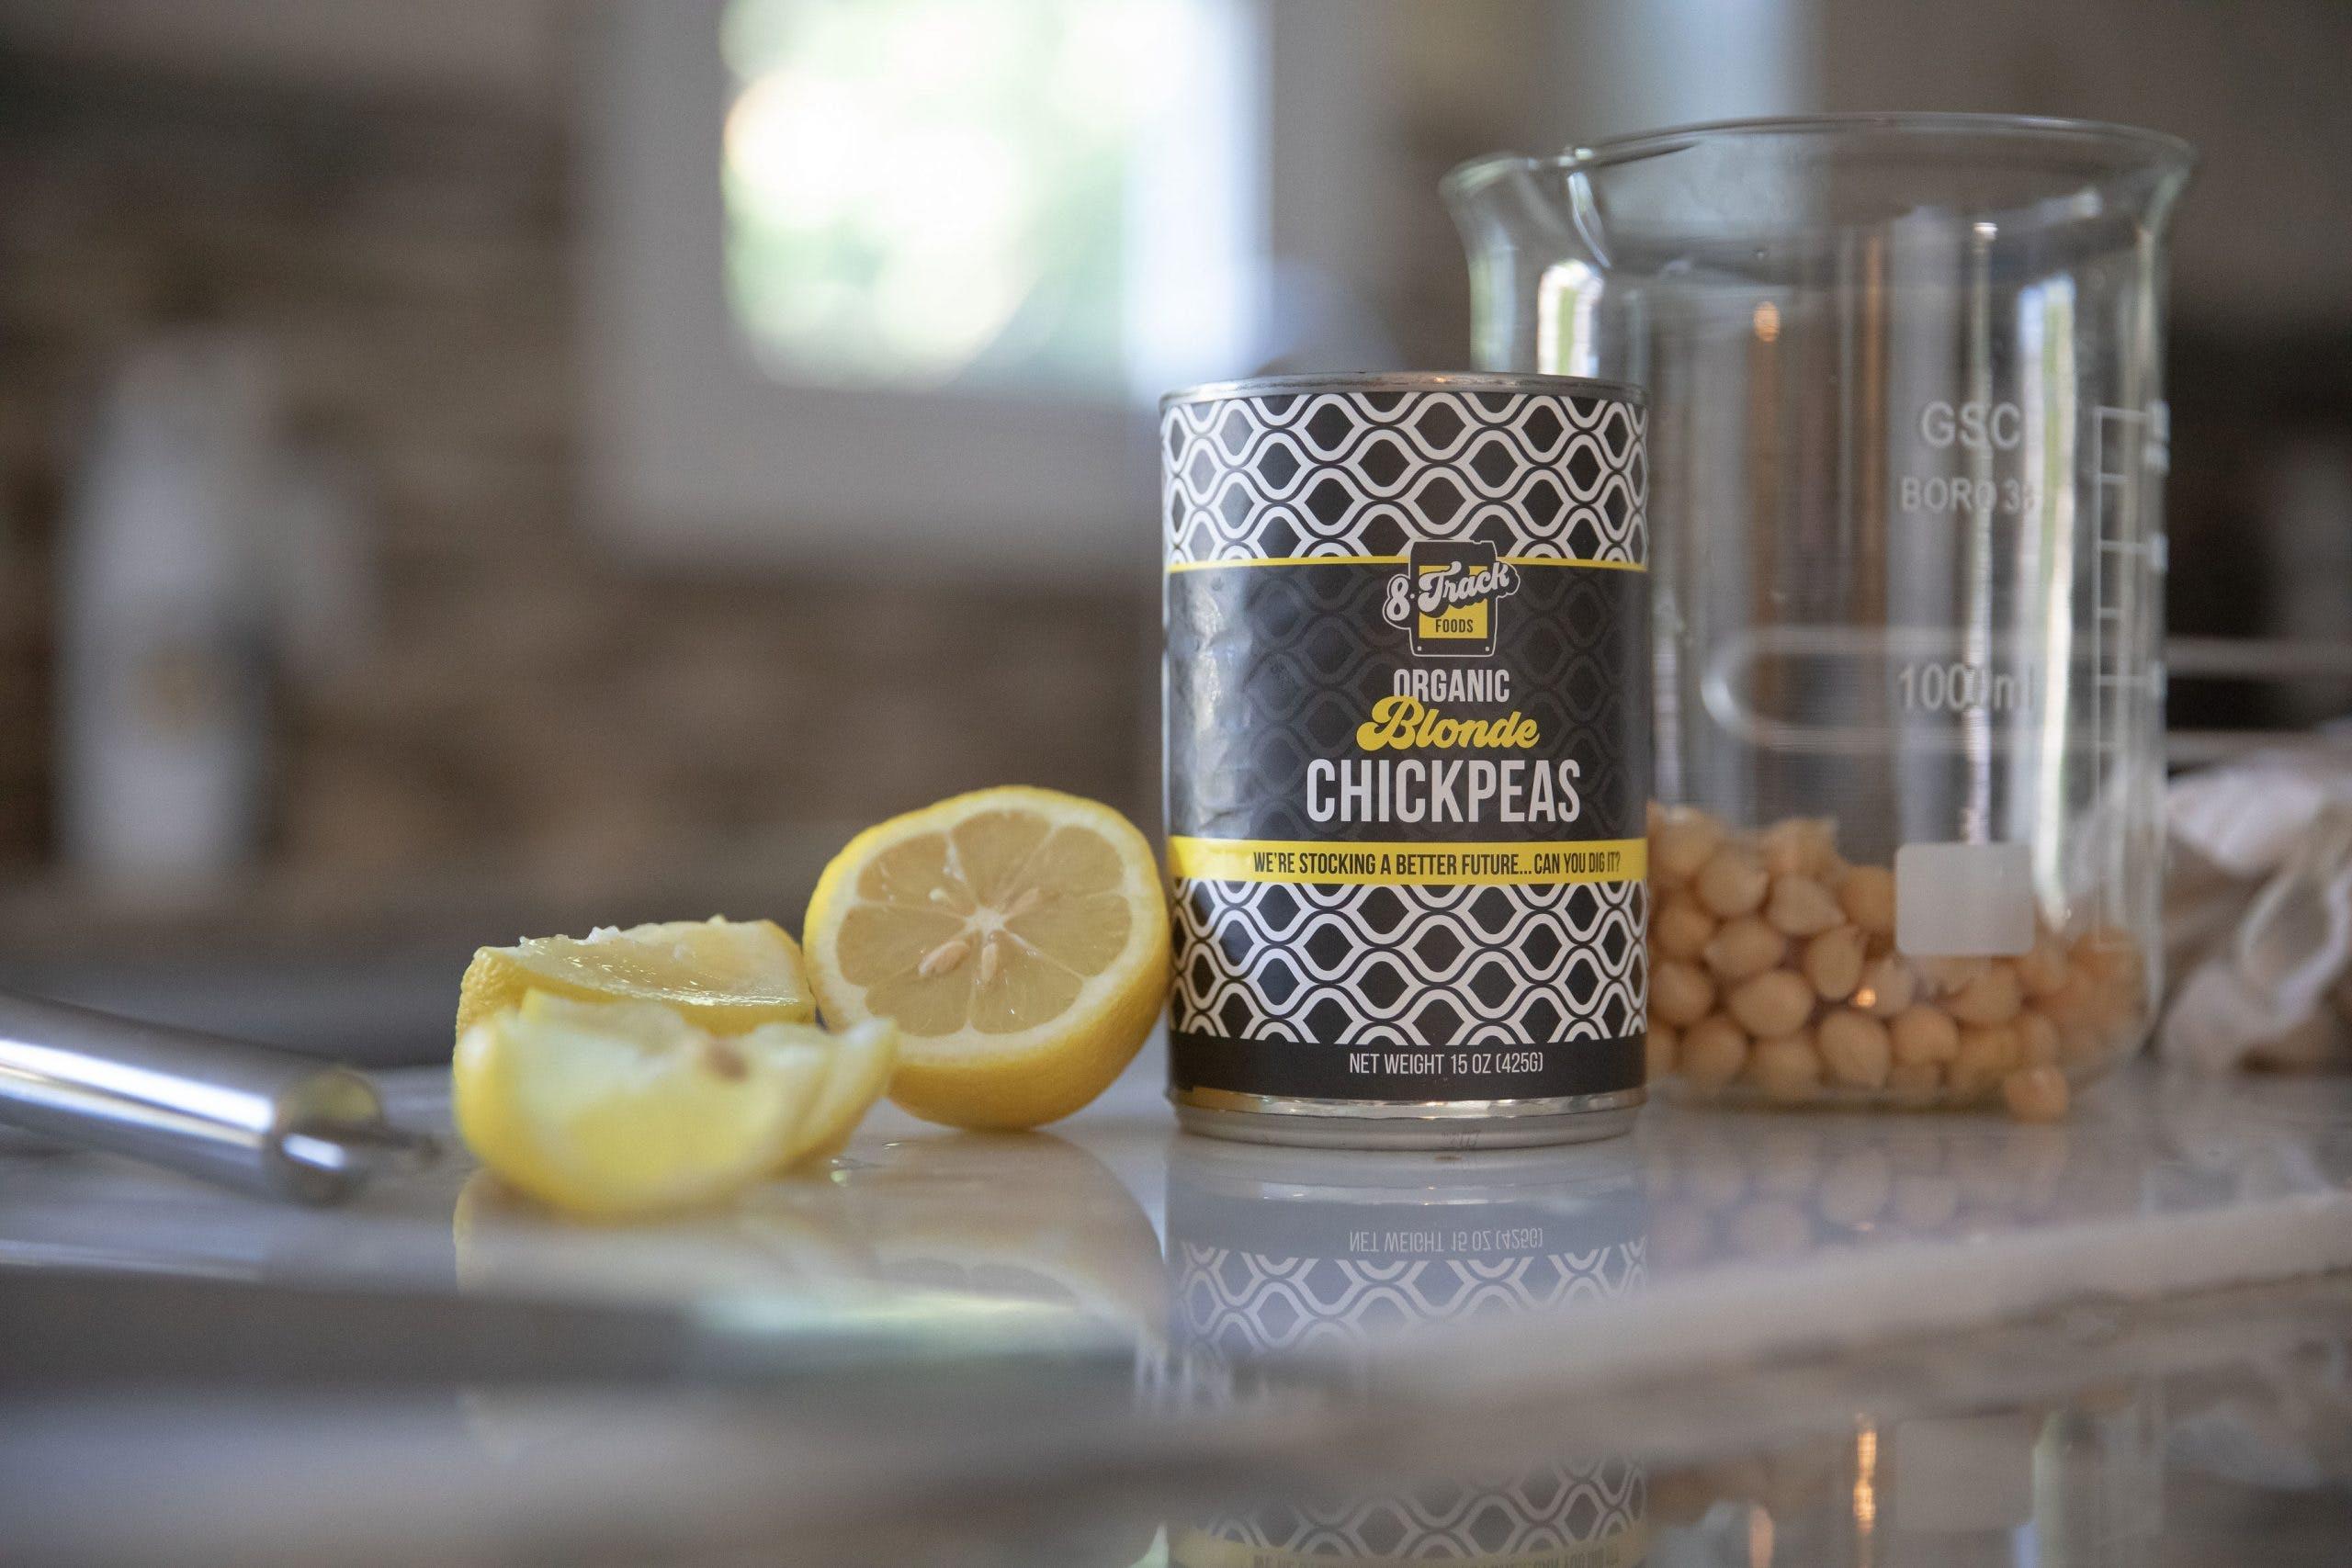 8 Track Foods Chickpeas